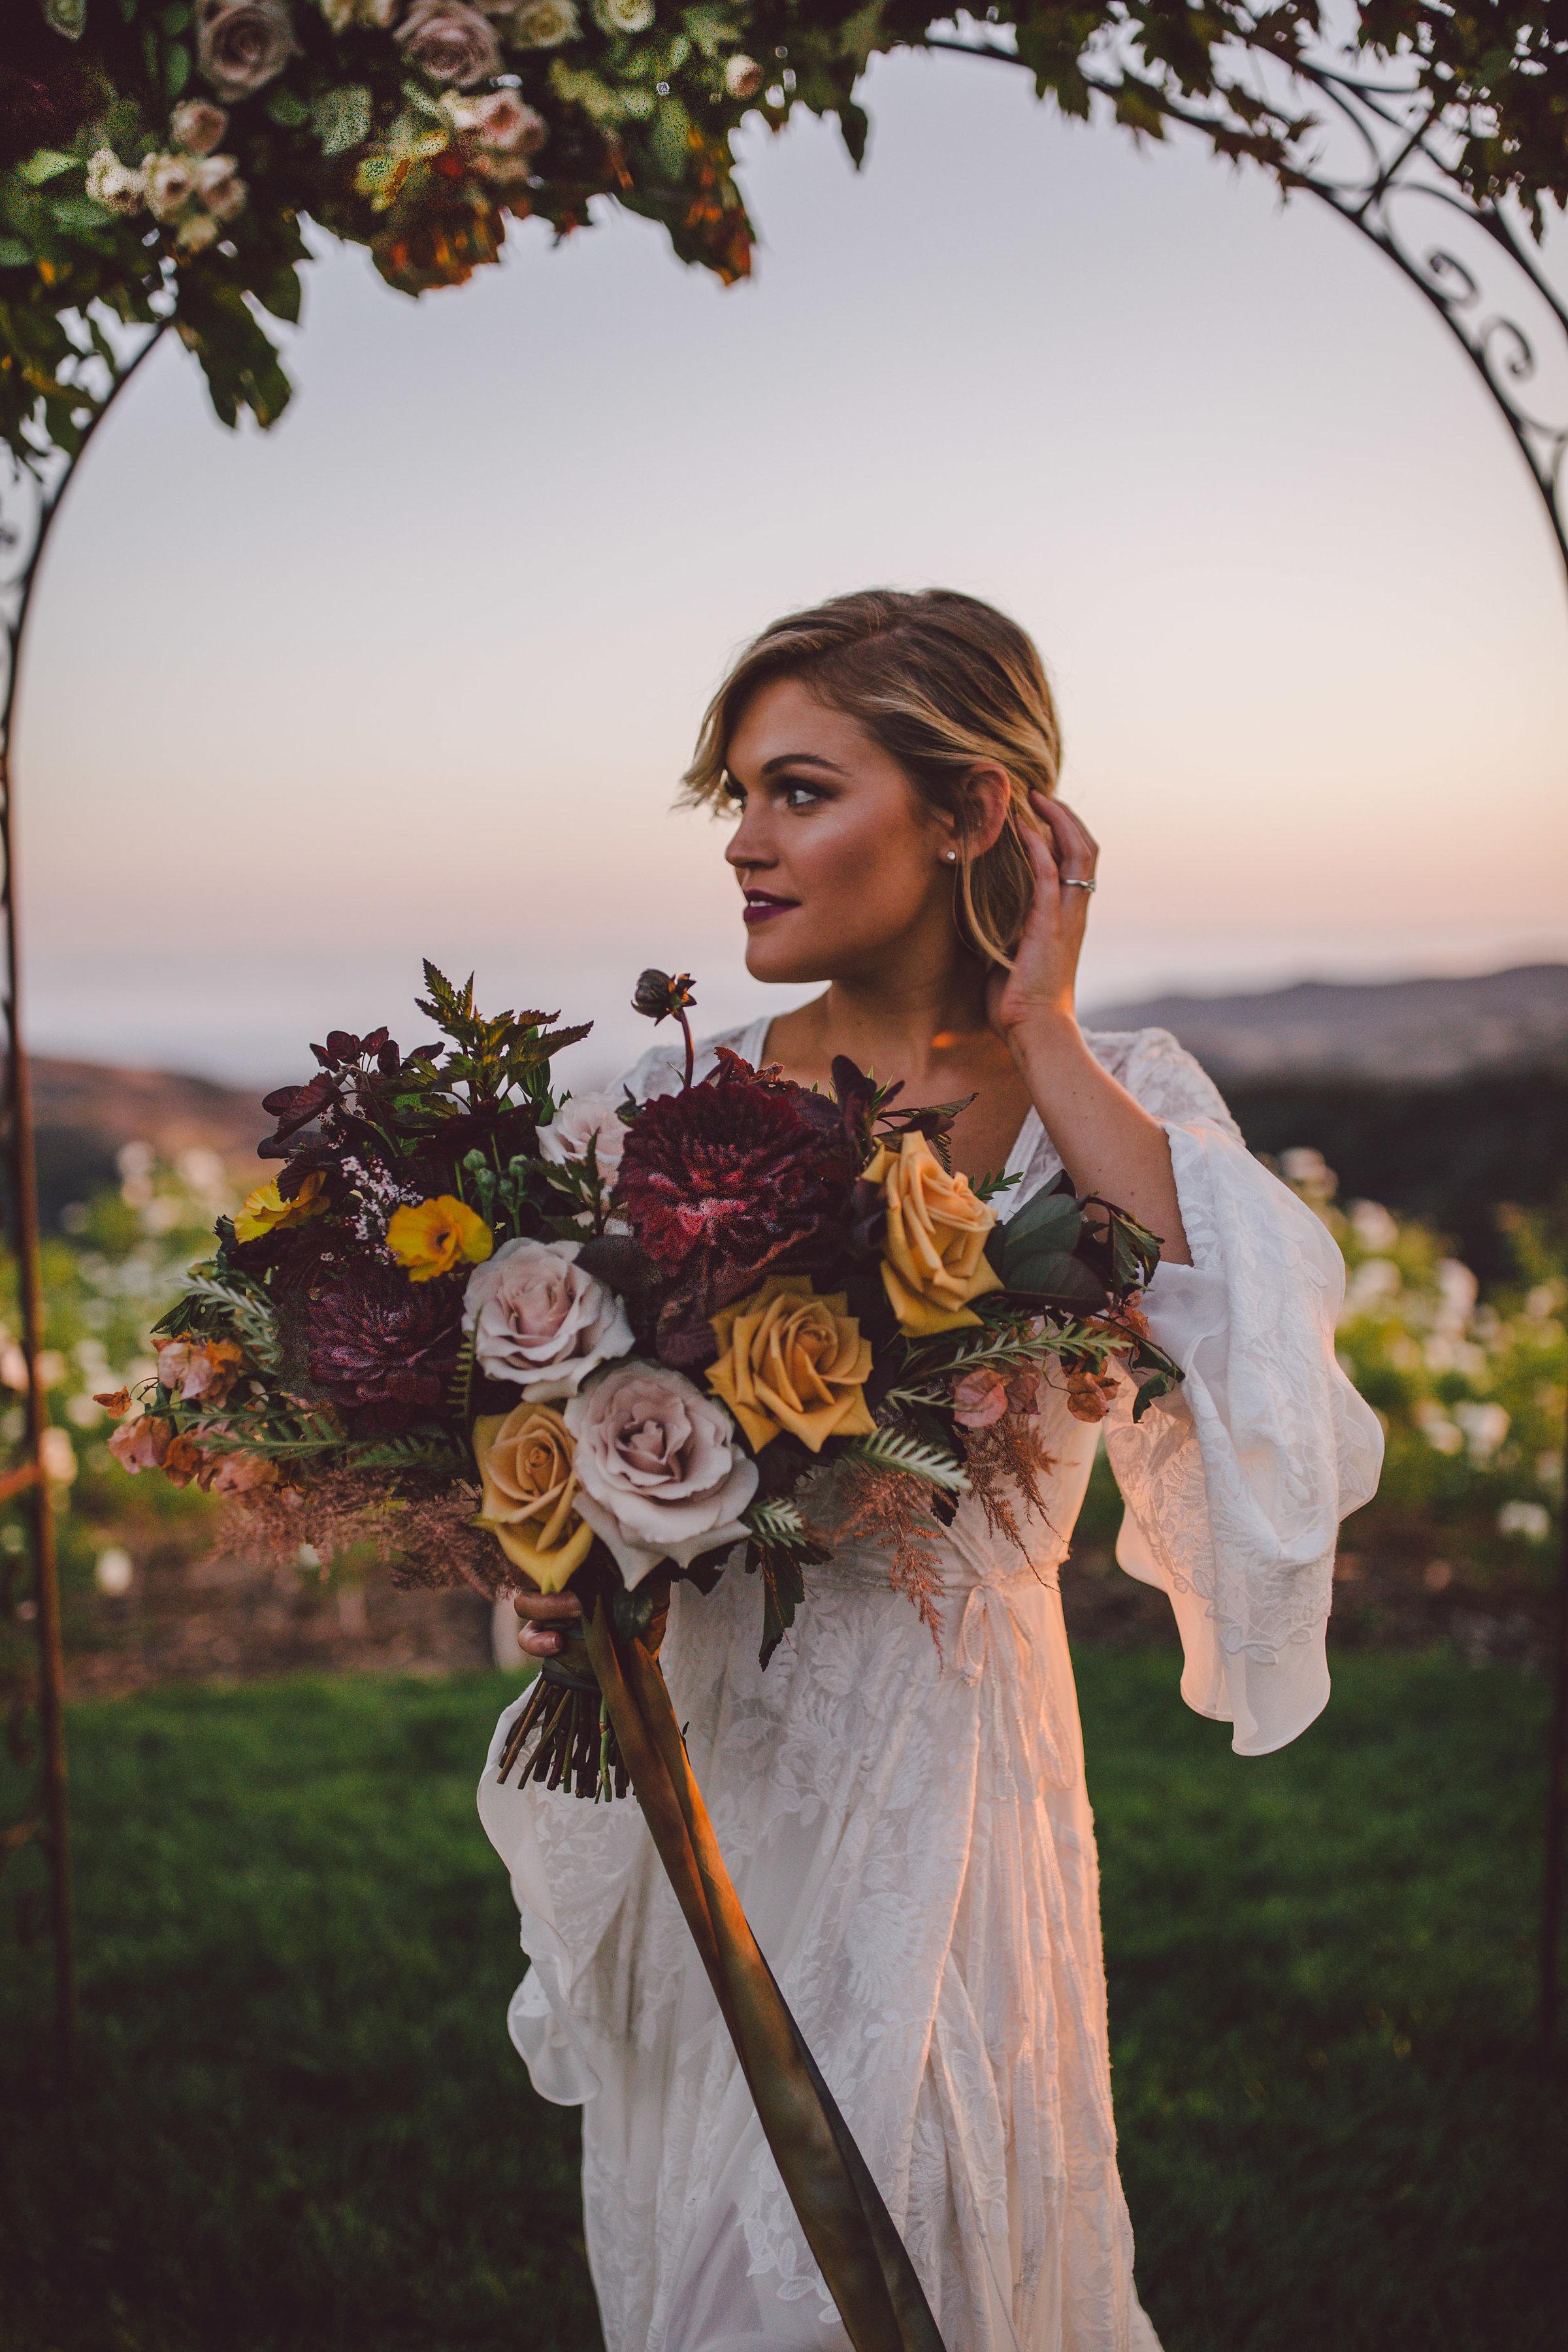 stonewall-ranch-malibu-fall-wild-wedding-bouquet.jpg